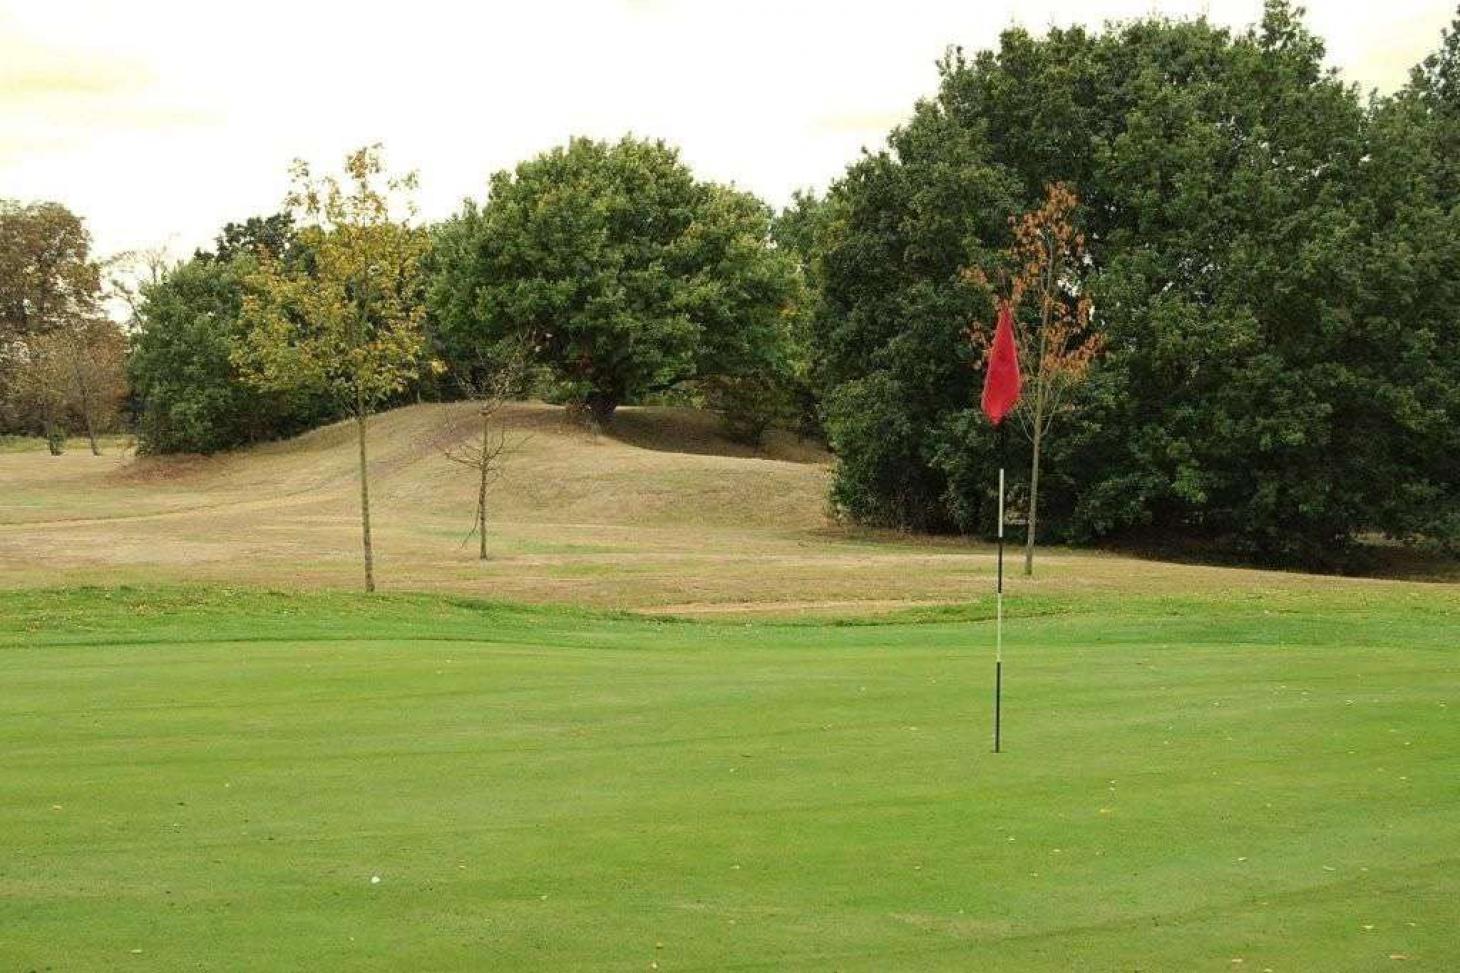 Barnehurst Golf Course 18 hole golf course